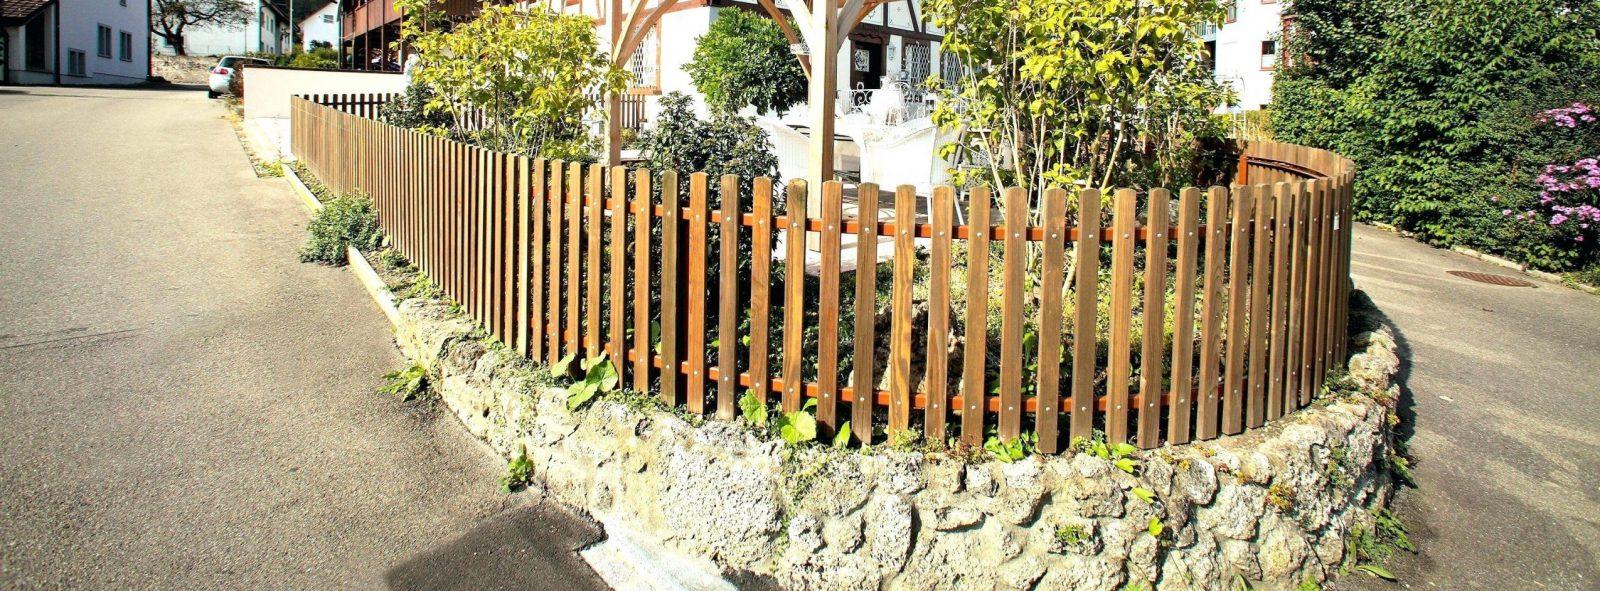 Gartenzaun Selber Machen Selbstbauzaun Fundament Zaun Aus Holz von Gartenzaun Selber Bauen Metall Photo